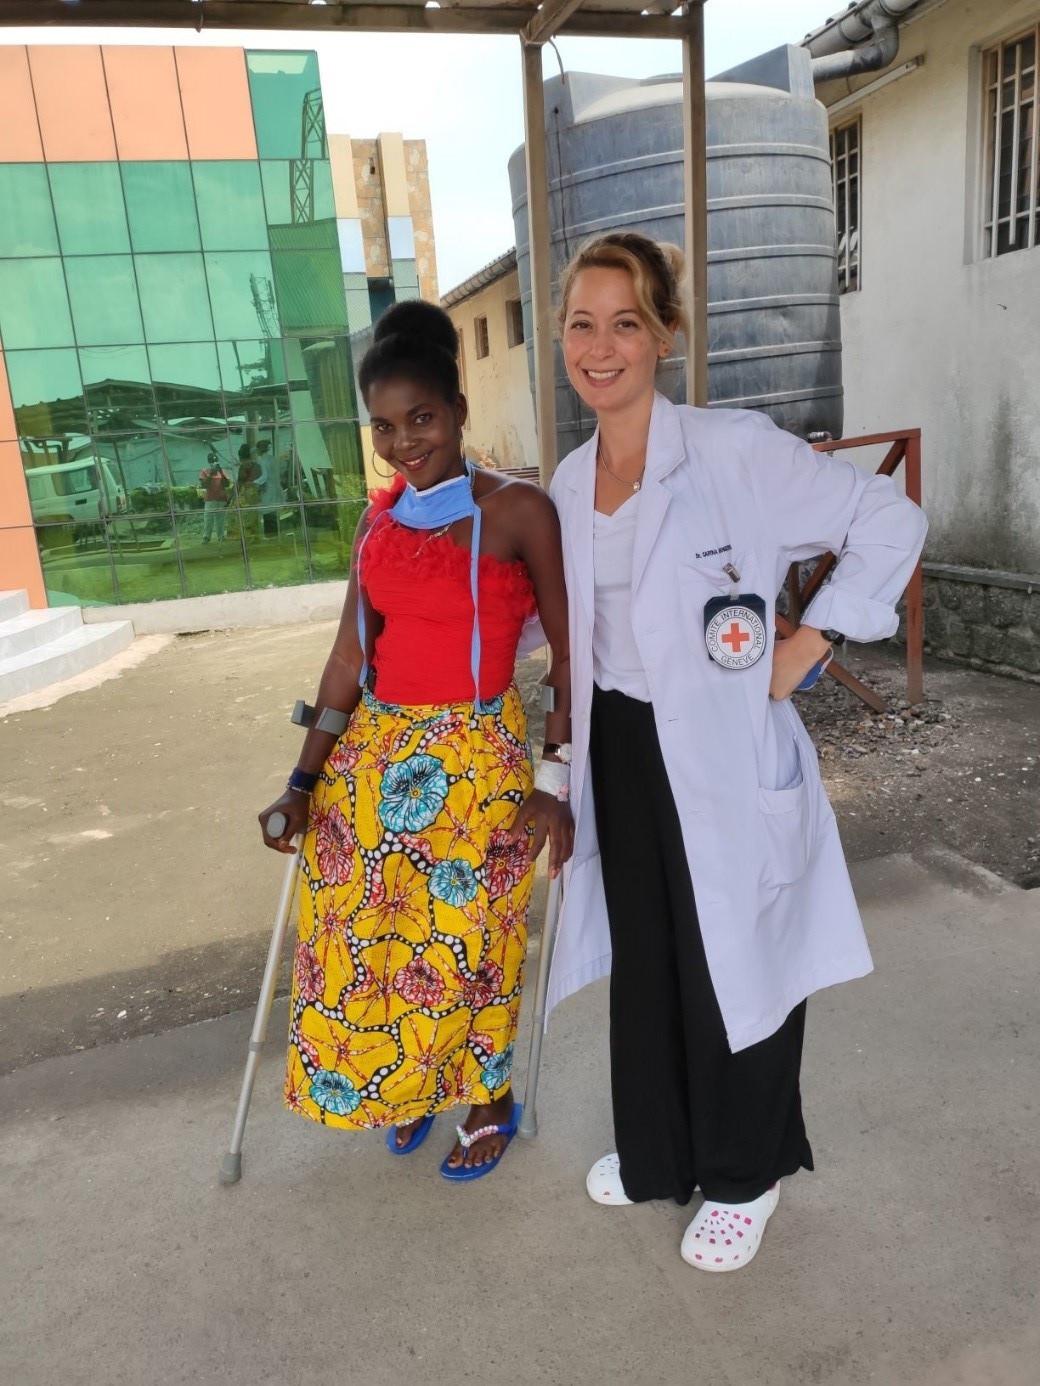 L'une des principales préoccupations de Carina est d'aider ses patients à reprendre une vie aussi normale que possible.